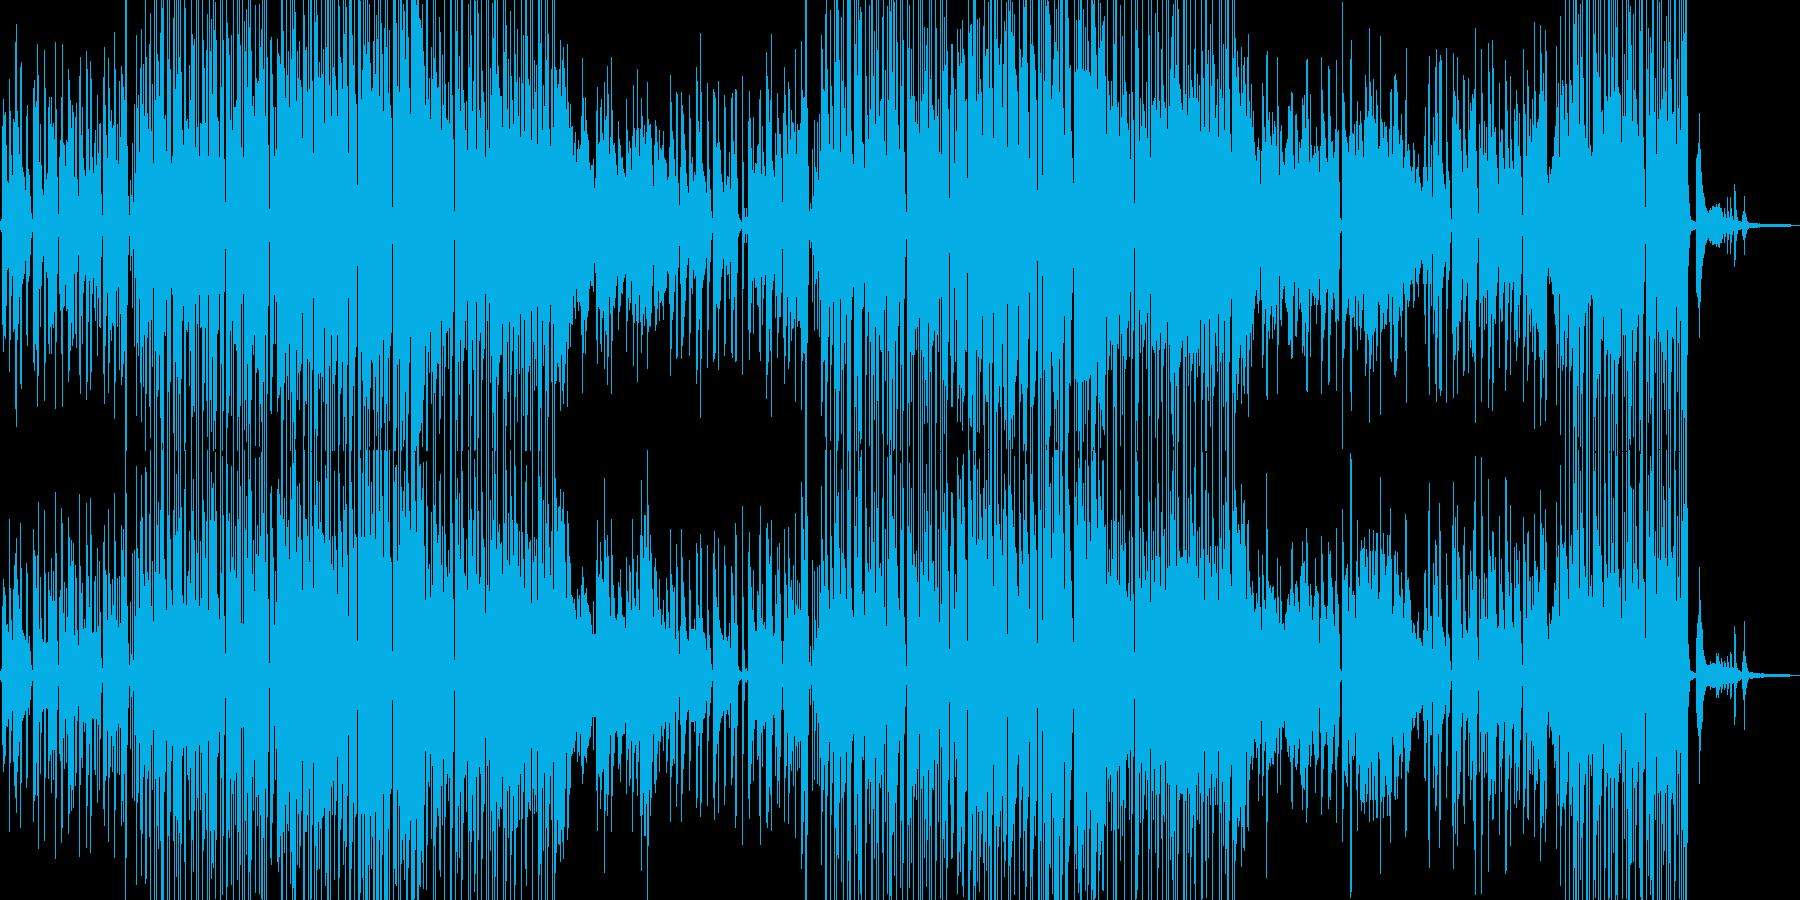 シャイな雰囲気・ほんわかしたジャズ 短尺の再生済みの波形